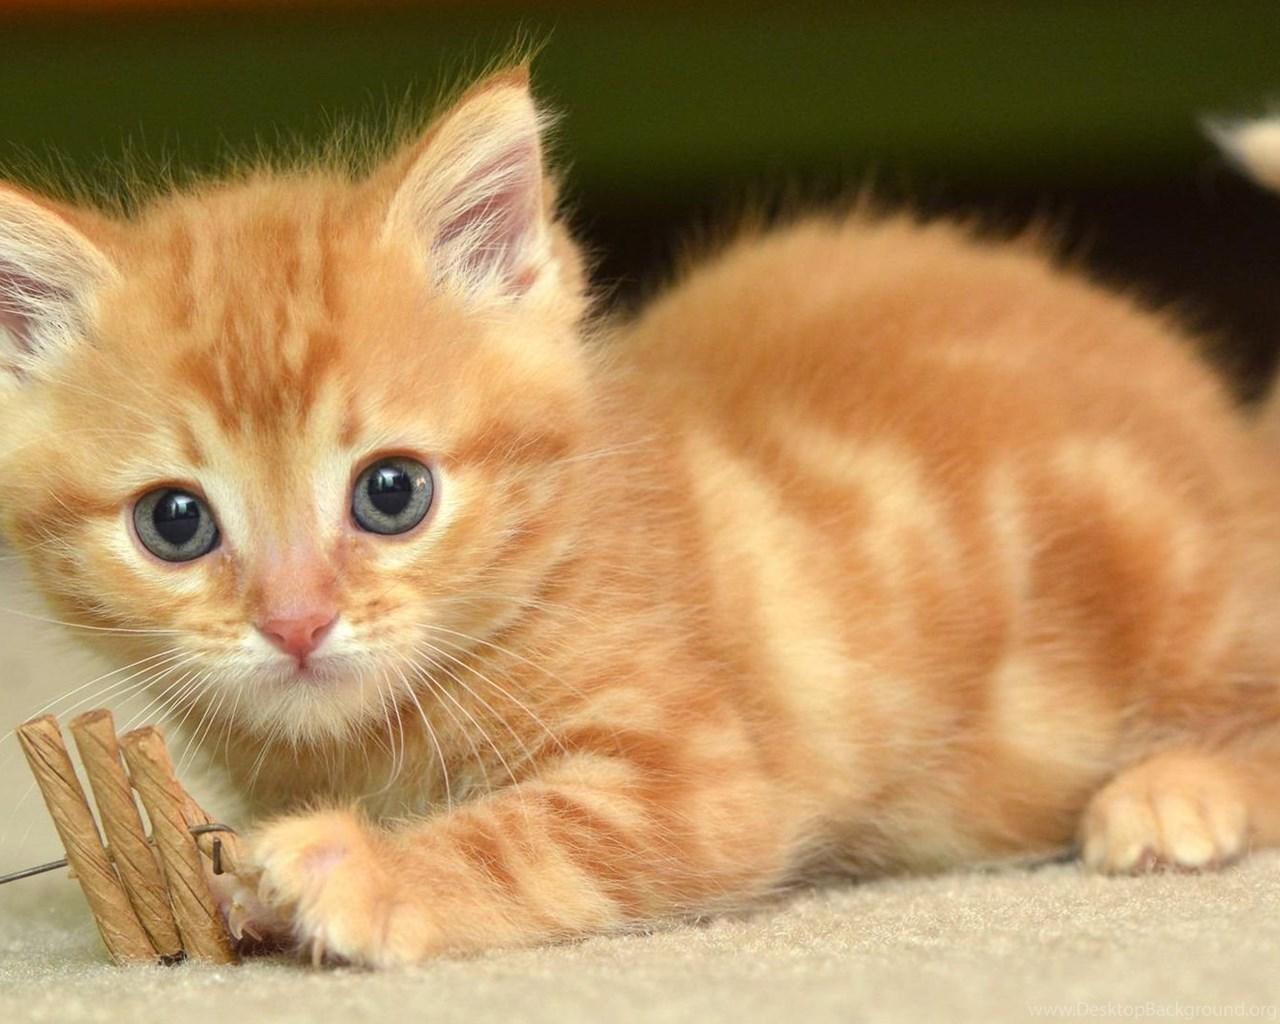 Cute Kitten Jigsaw Puzzle - m Cute kitten photo gallery